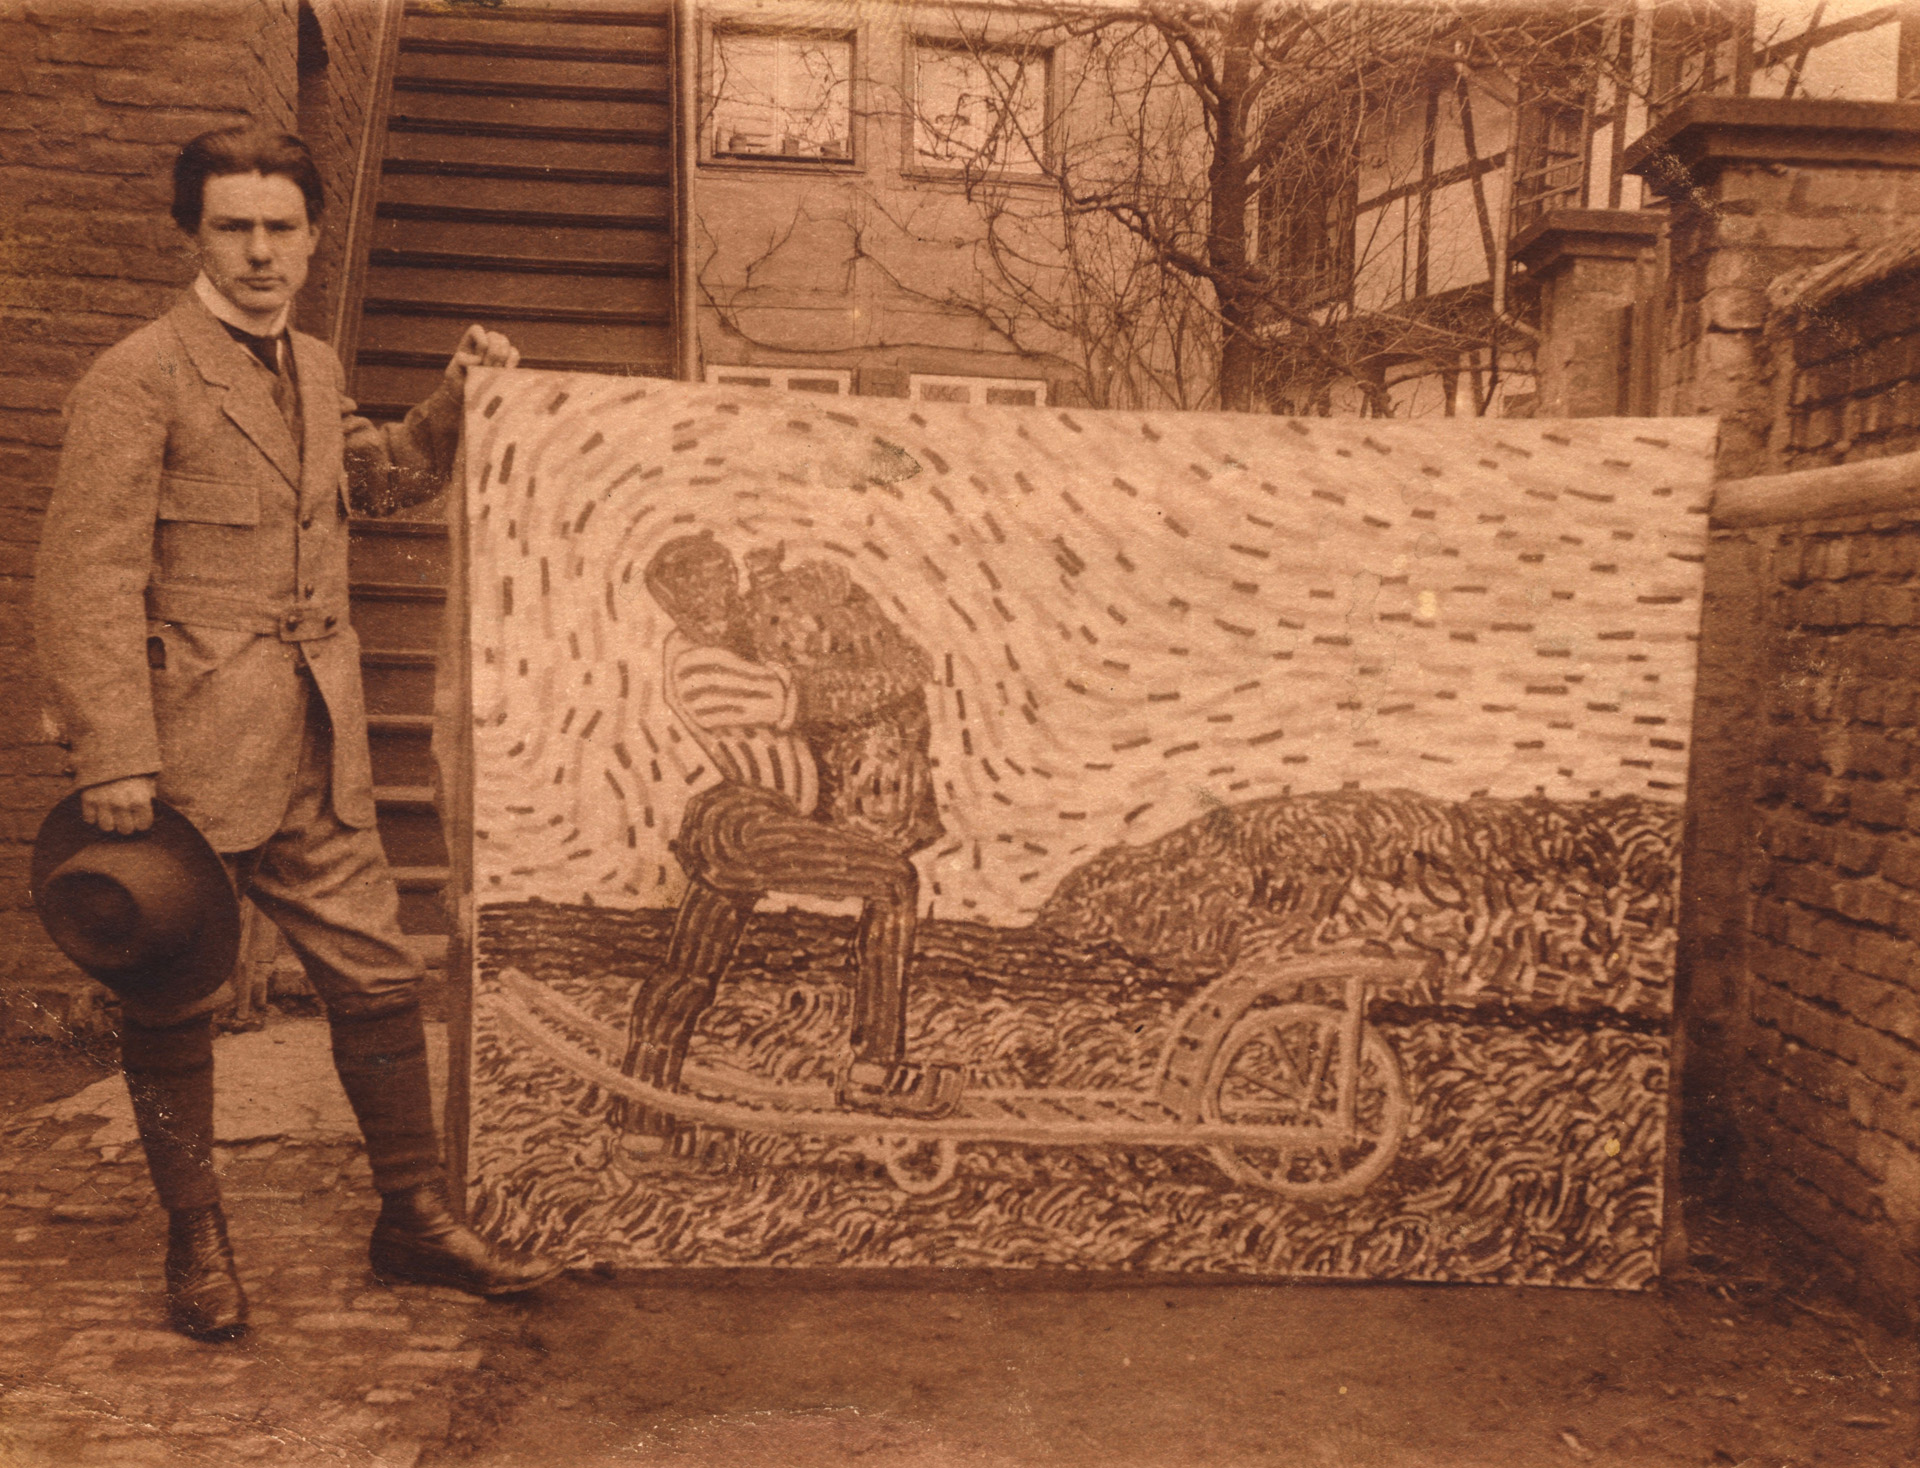 Wilhelm Morgner, im November 1911 vor seinem Atelier in Soest Foto: Wilhelm-Morgner-Archiv, Soest